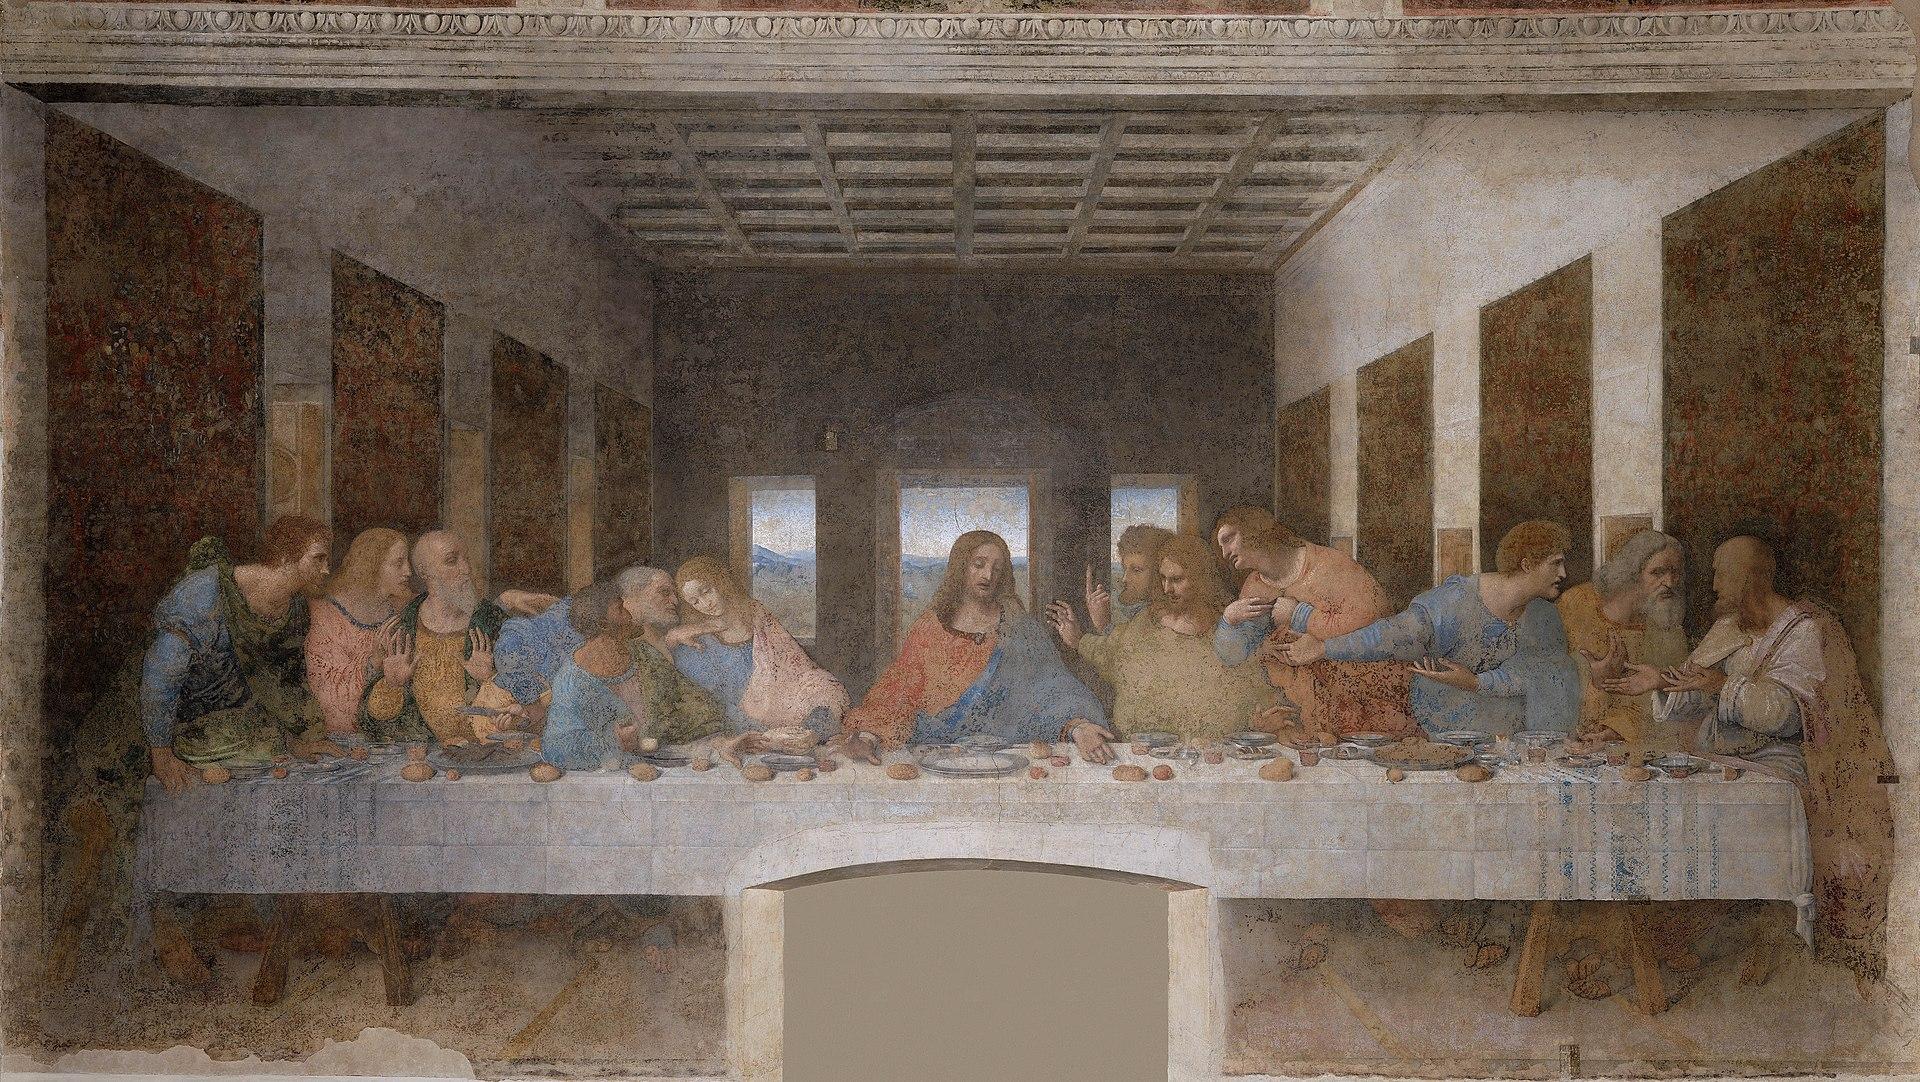 最後的晚餐 - 列奧納多·達·芬奇 (1452-1519)